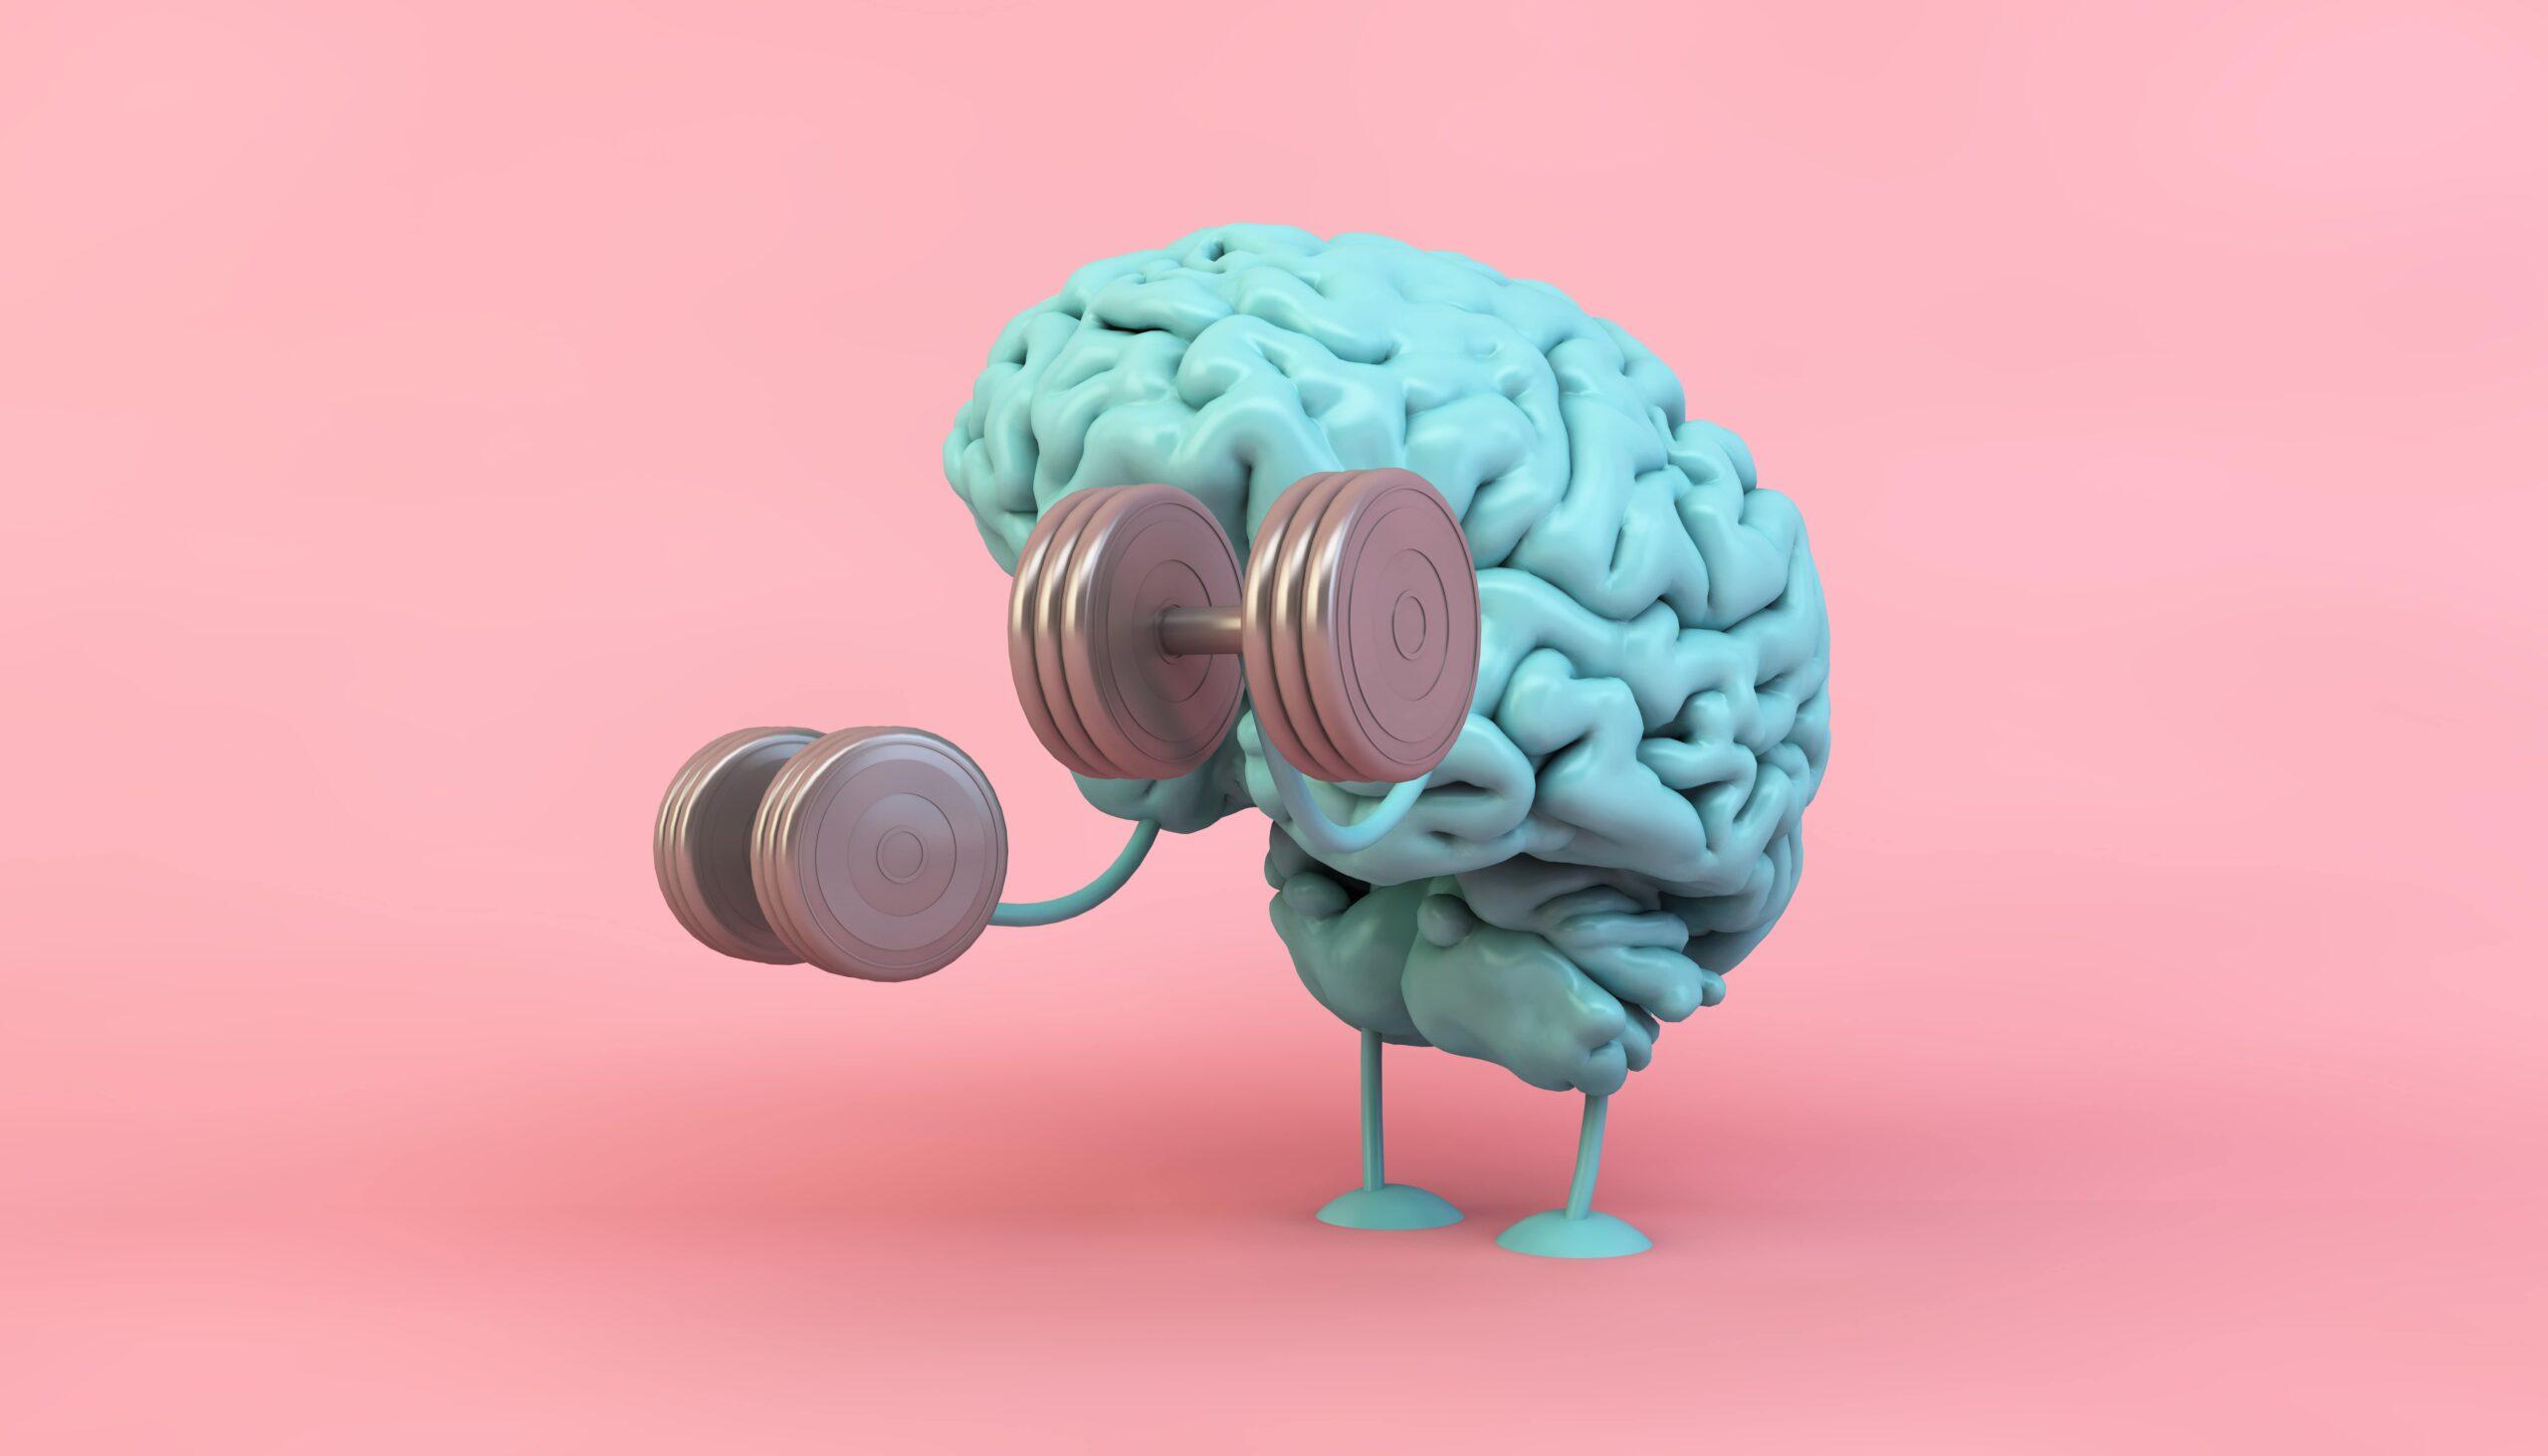 Consejos de salud para mejorar la oxigenación cerebral y la salud mental